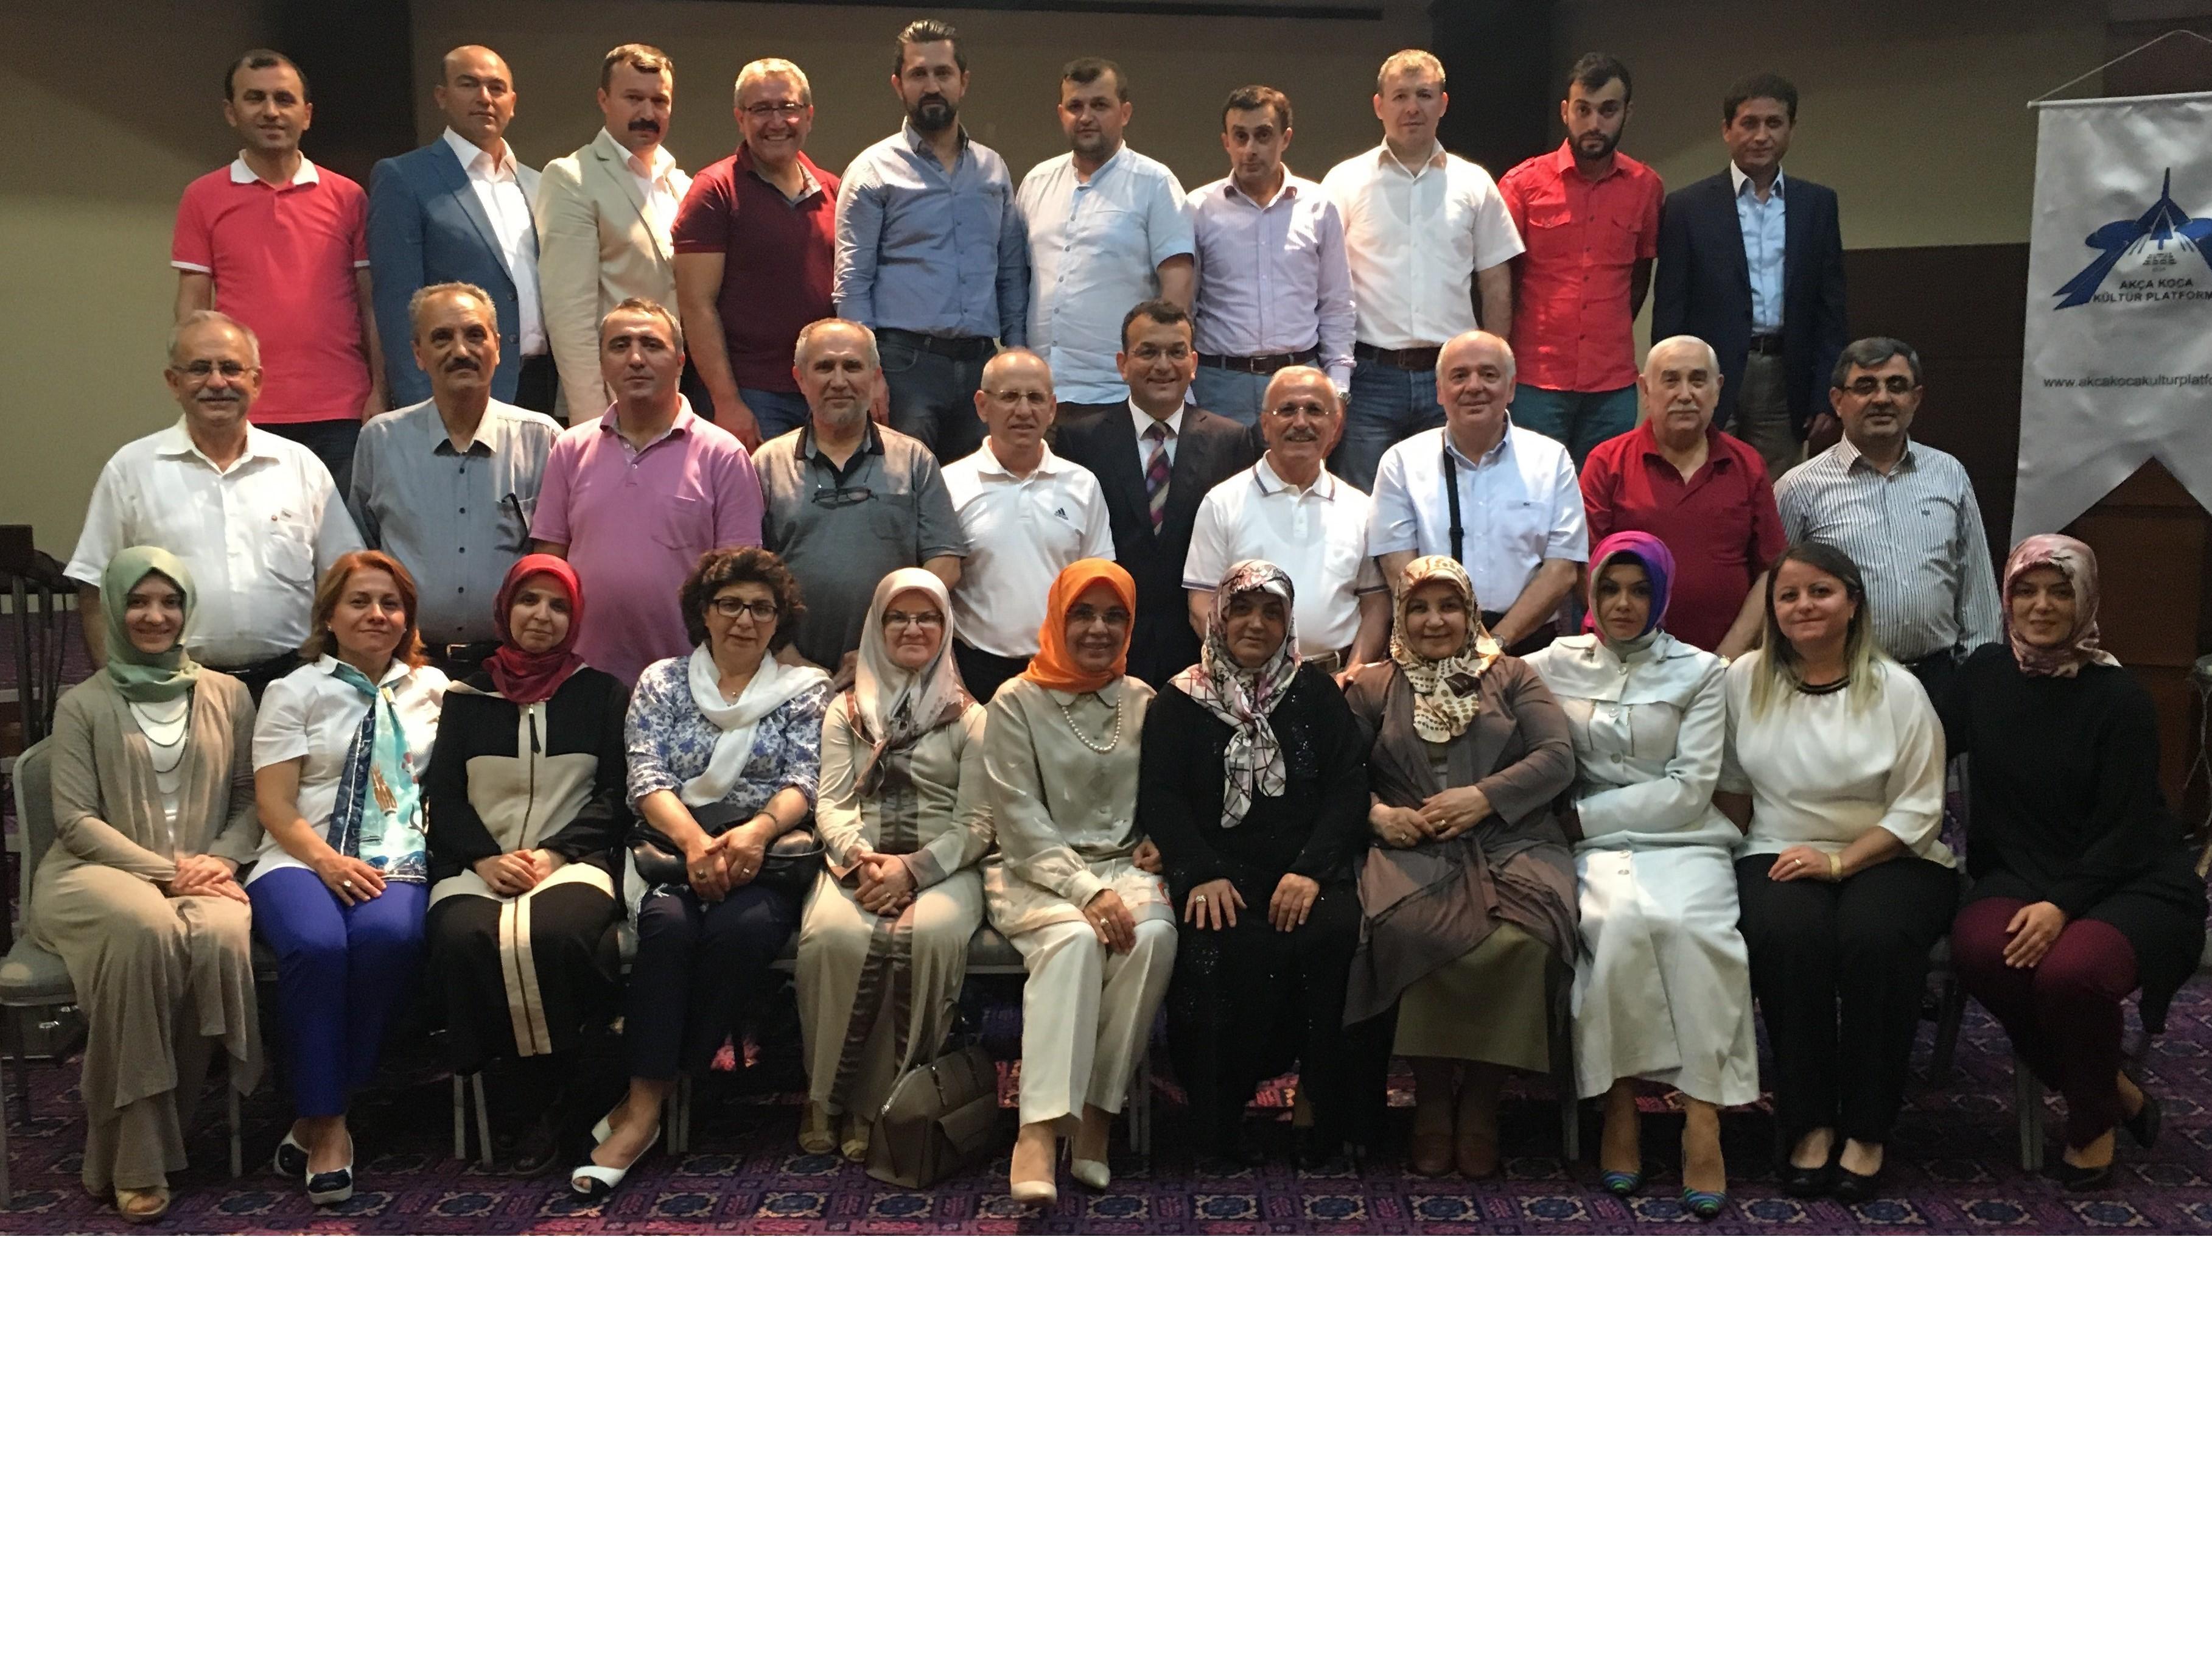 Akça Koca Kültür Platformu'nun 3. geleneksel iftarı